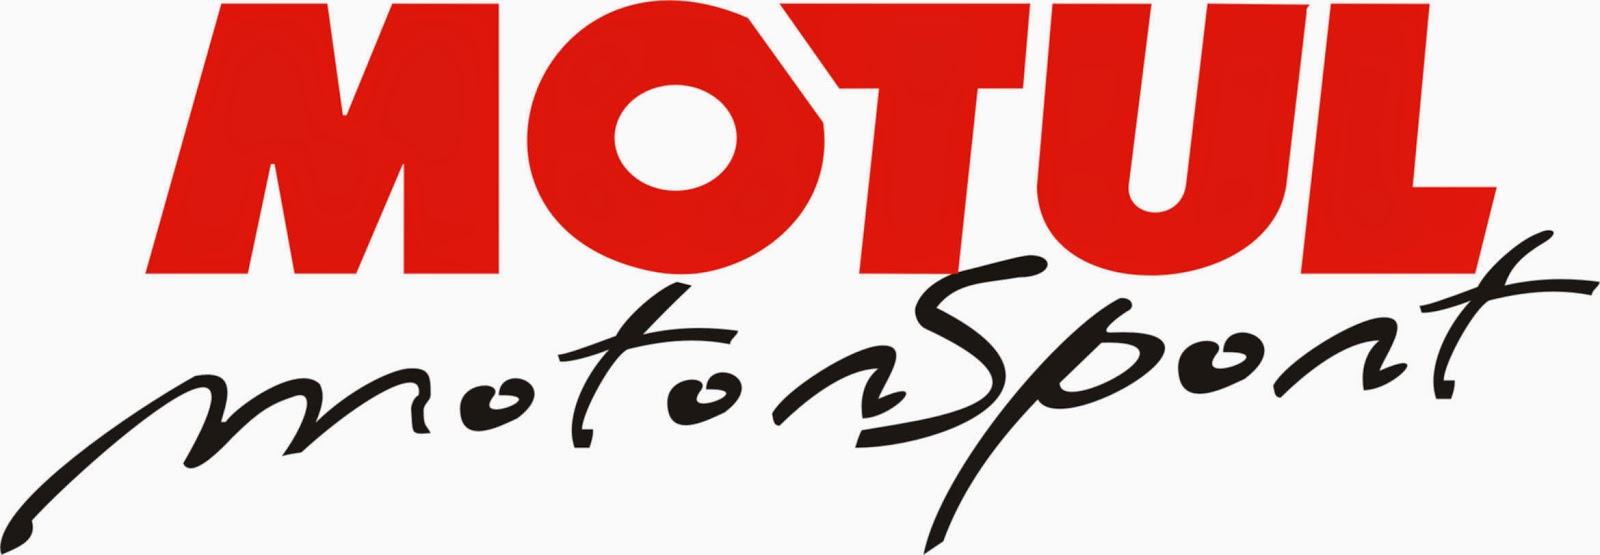 Pro Ride Motorsports Trd Sport Engine Oil By Motul